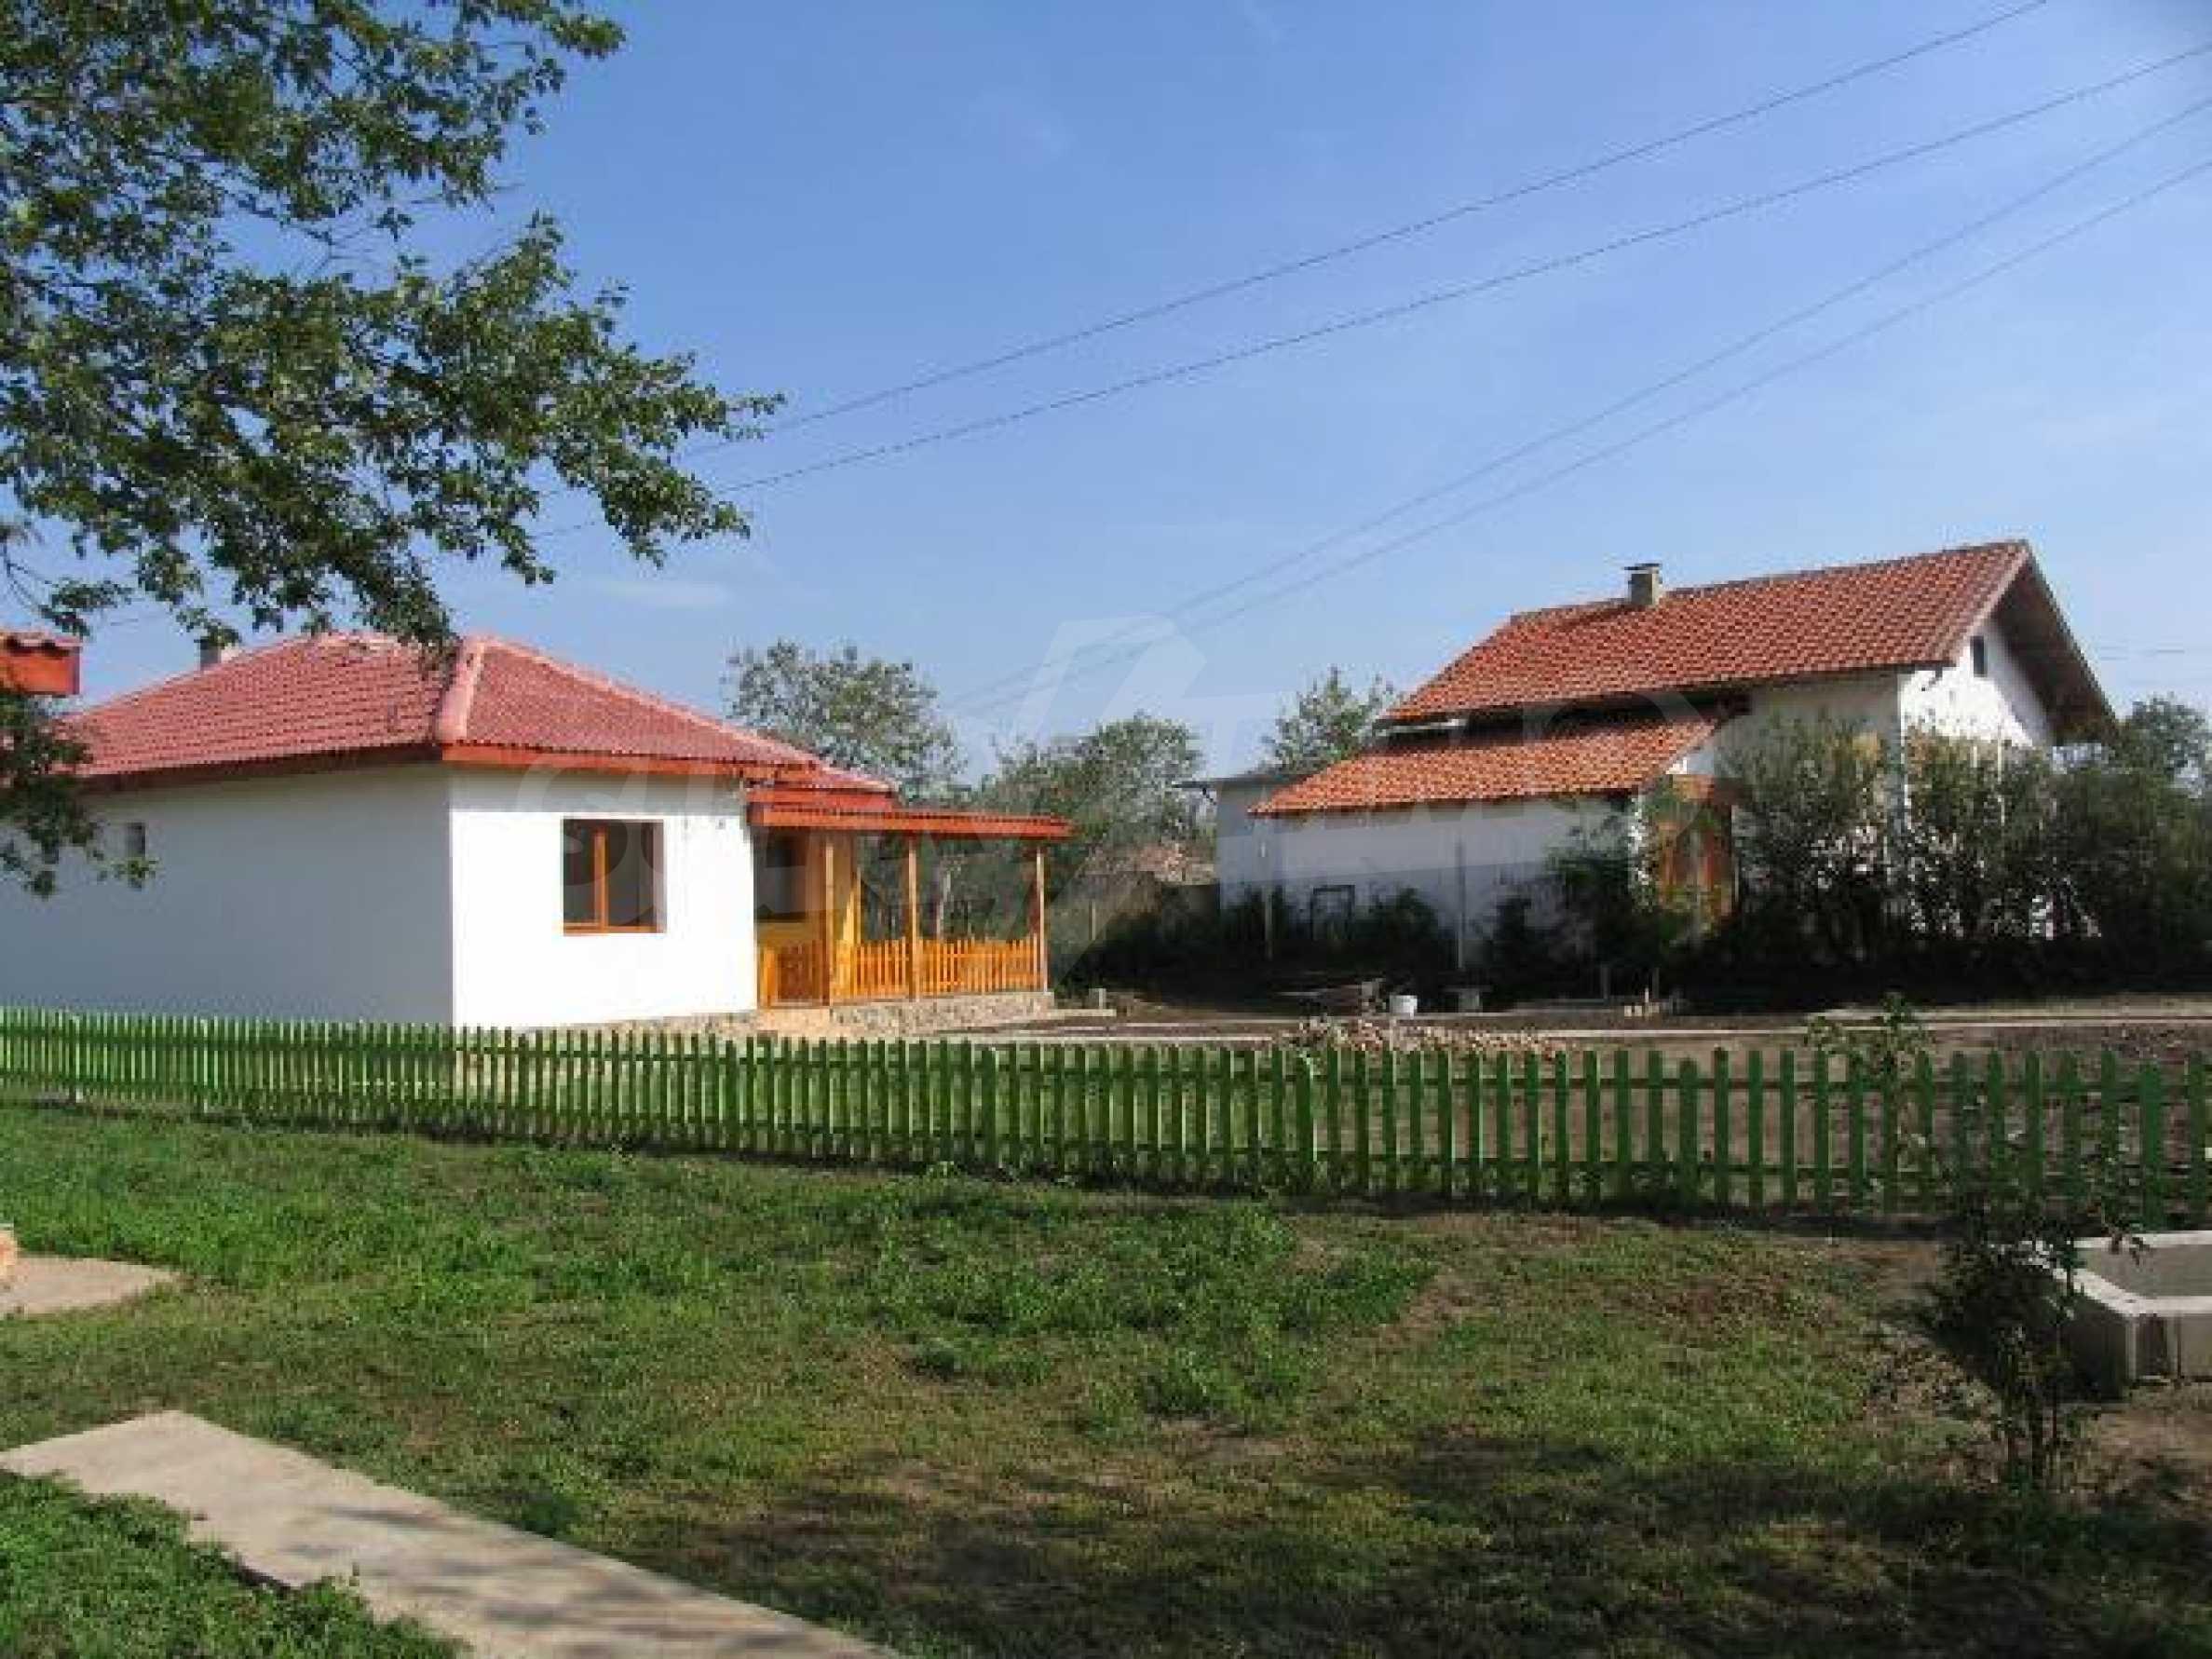 Два дома для продажи в Stefanovo деревне 25 км. от Албена 9